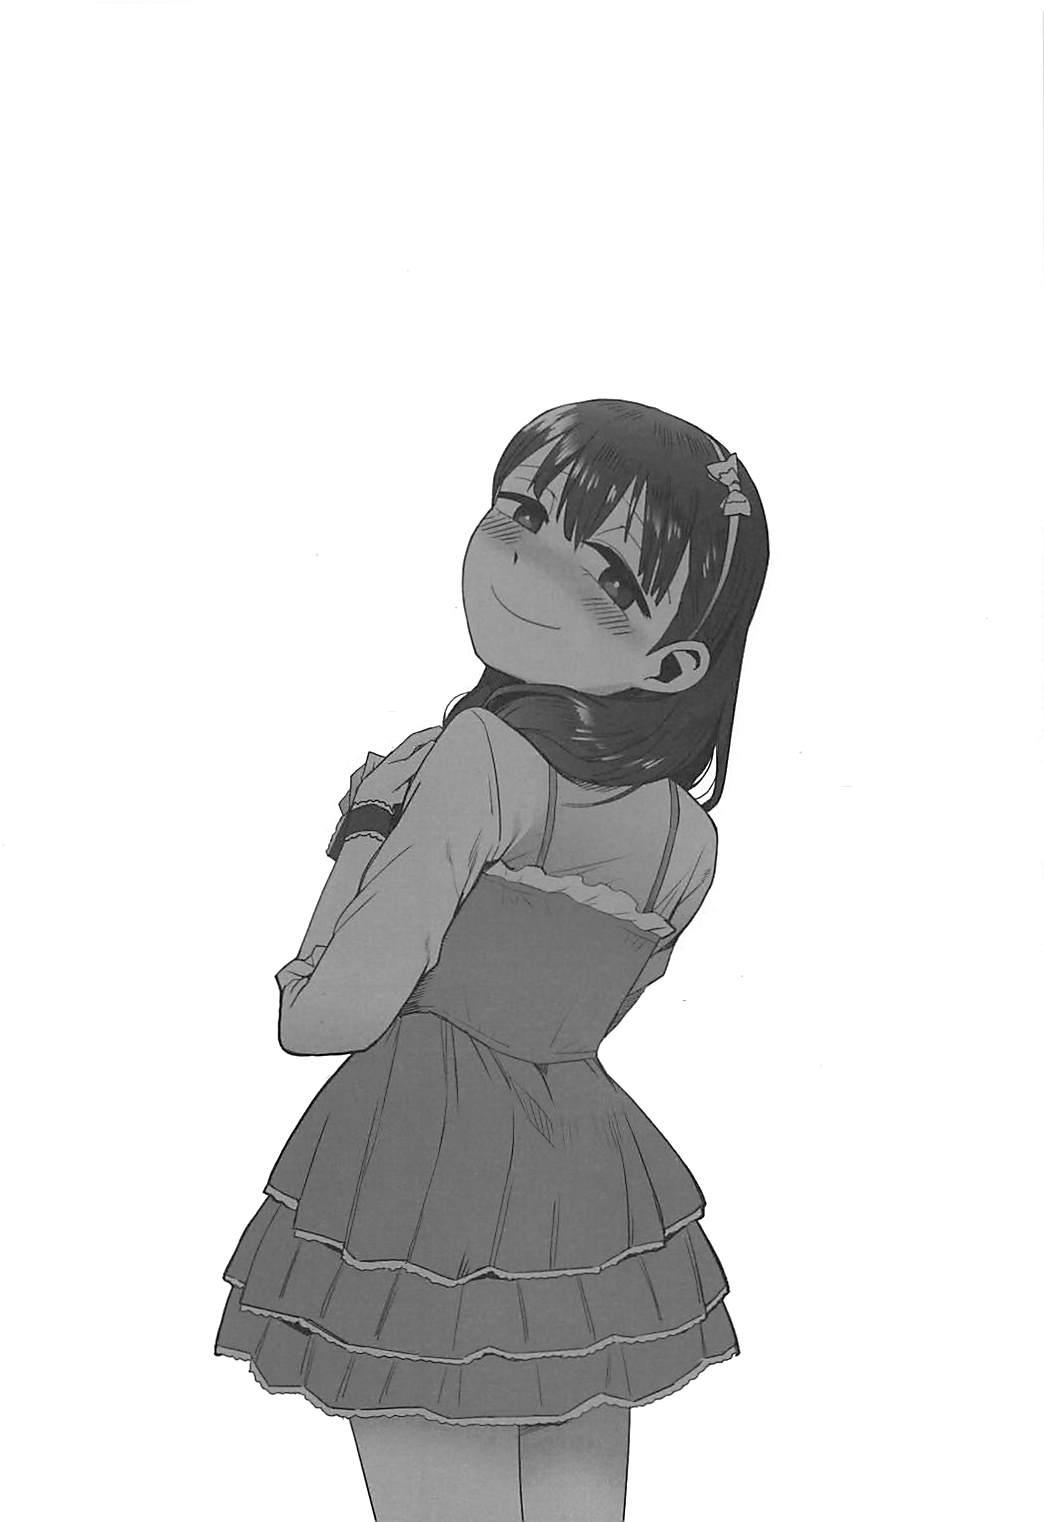 Anata wa Mayu no 22